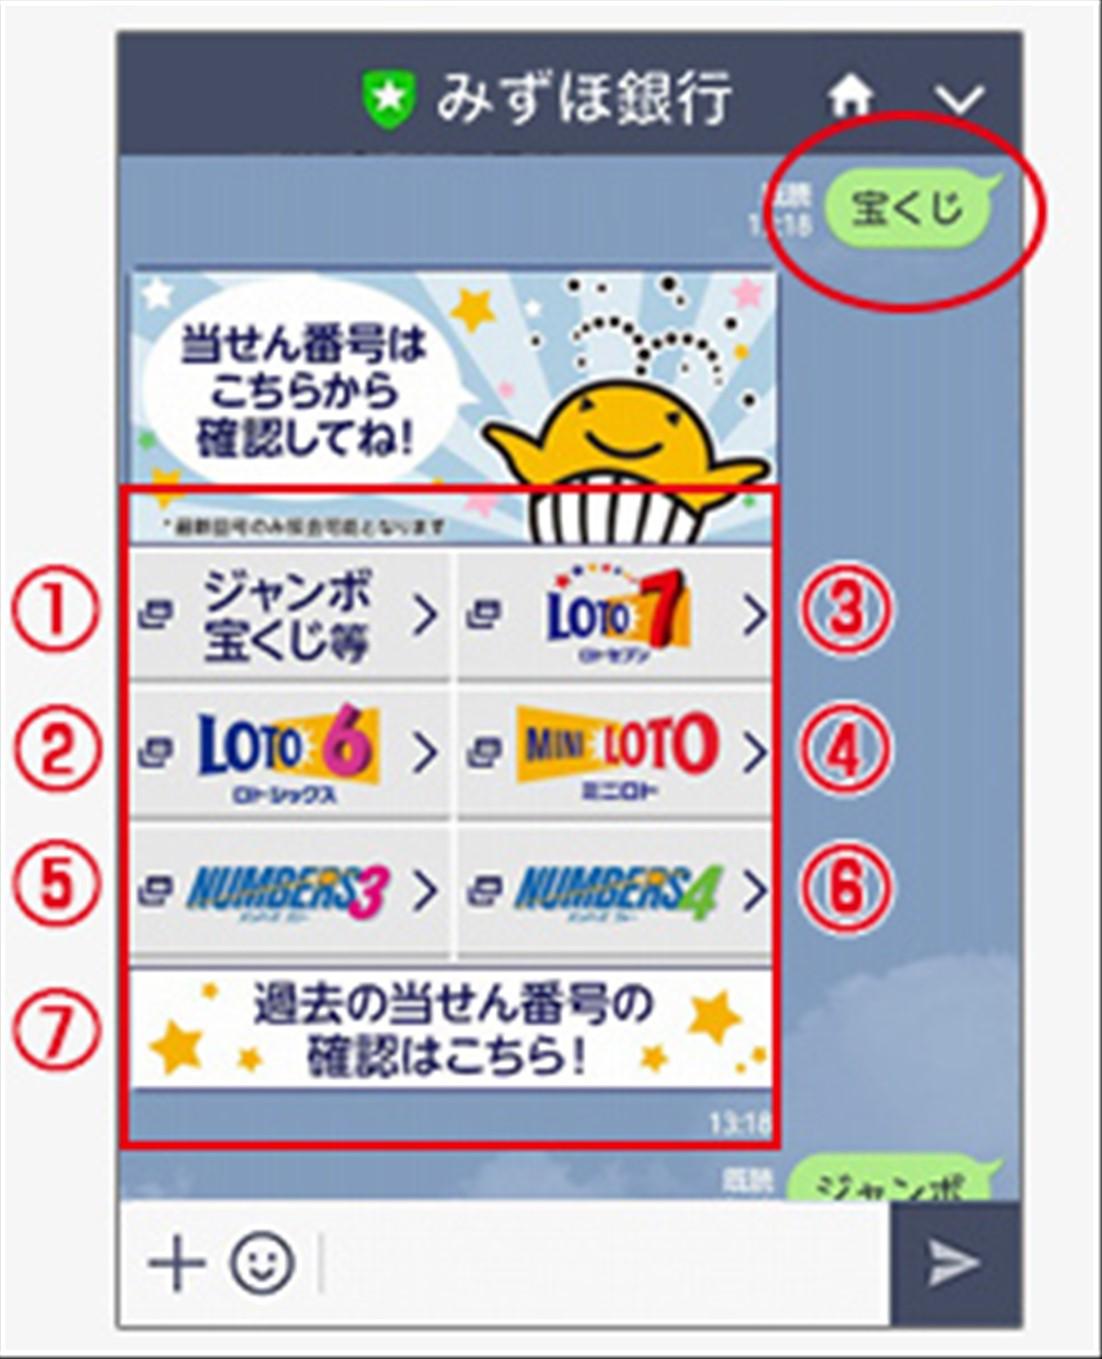 みずほ銀行のLINE公式アカウント「宝くじ当せん番号照会機能」を提供開始